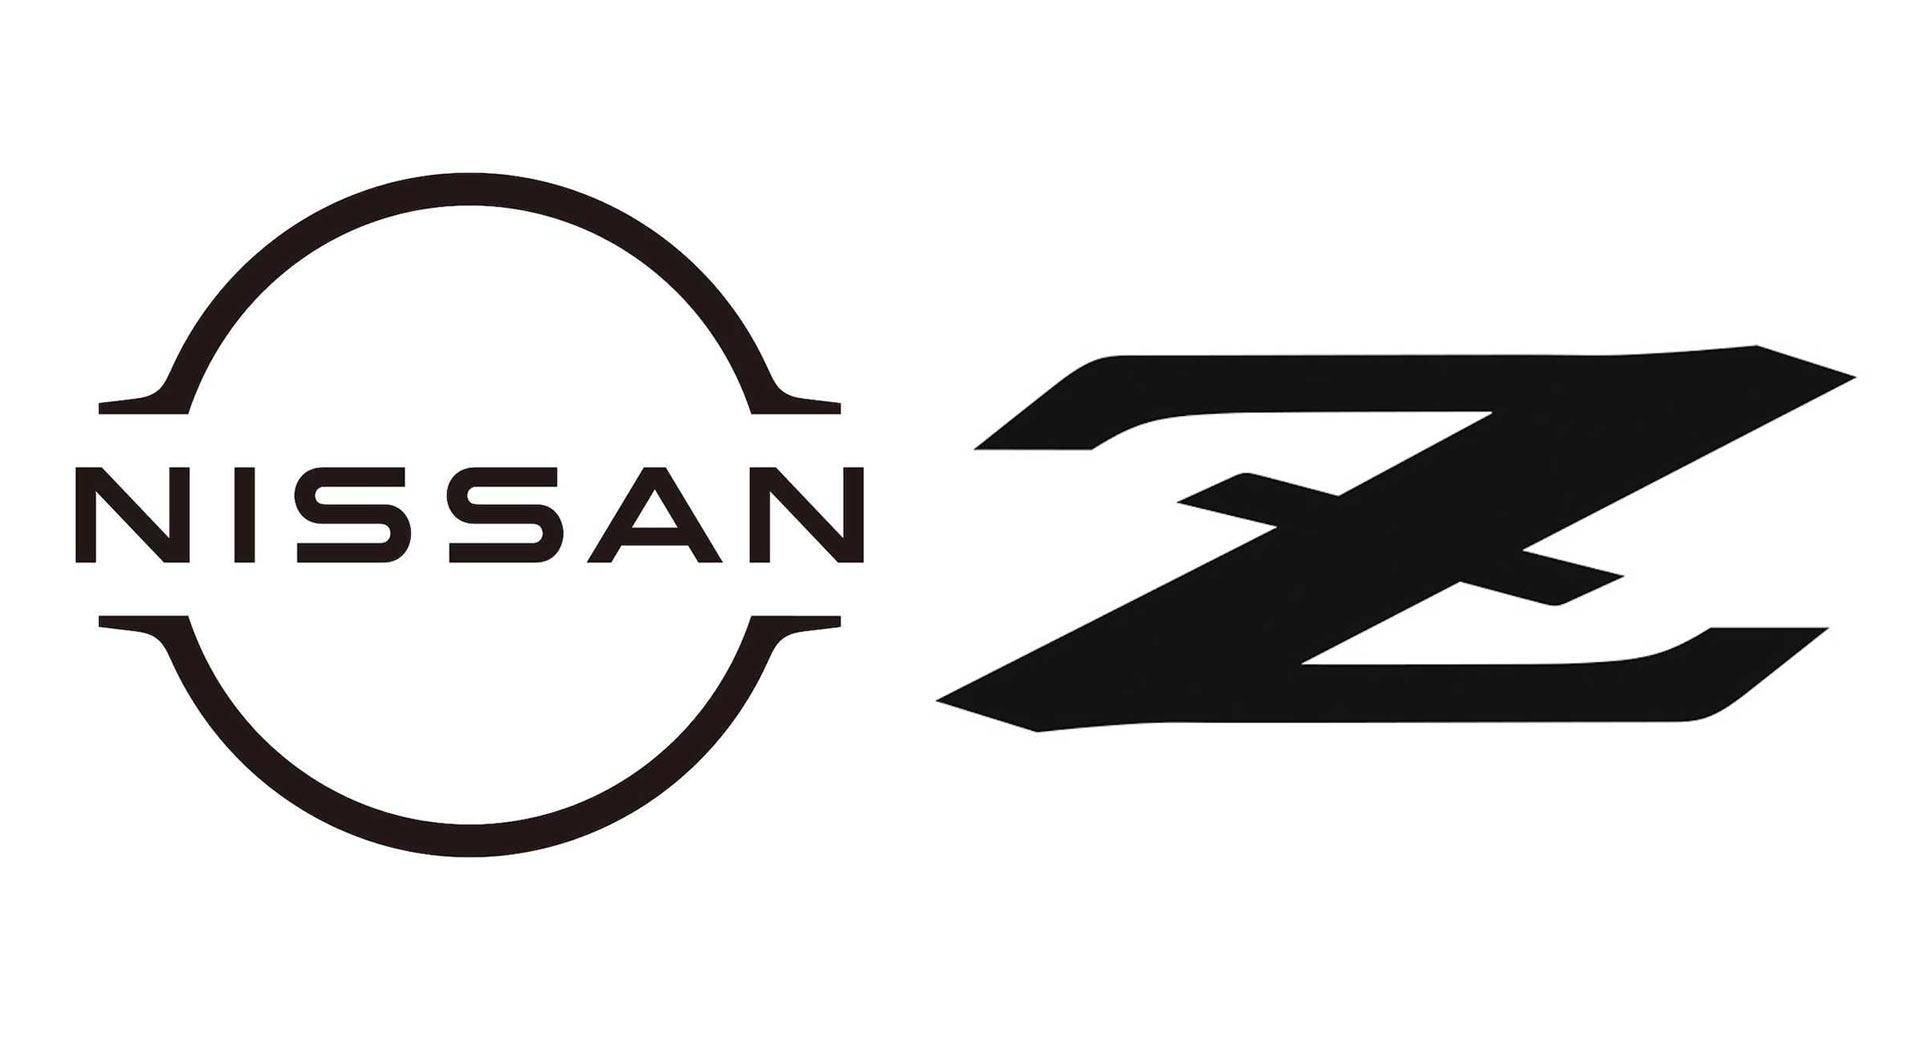 Nissan logótipos